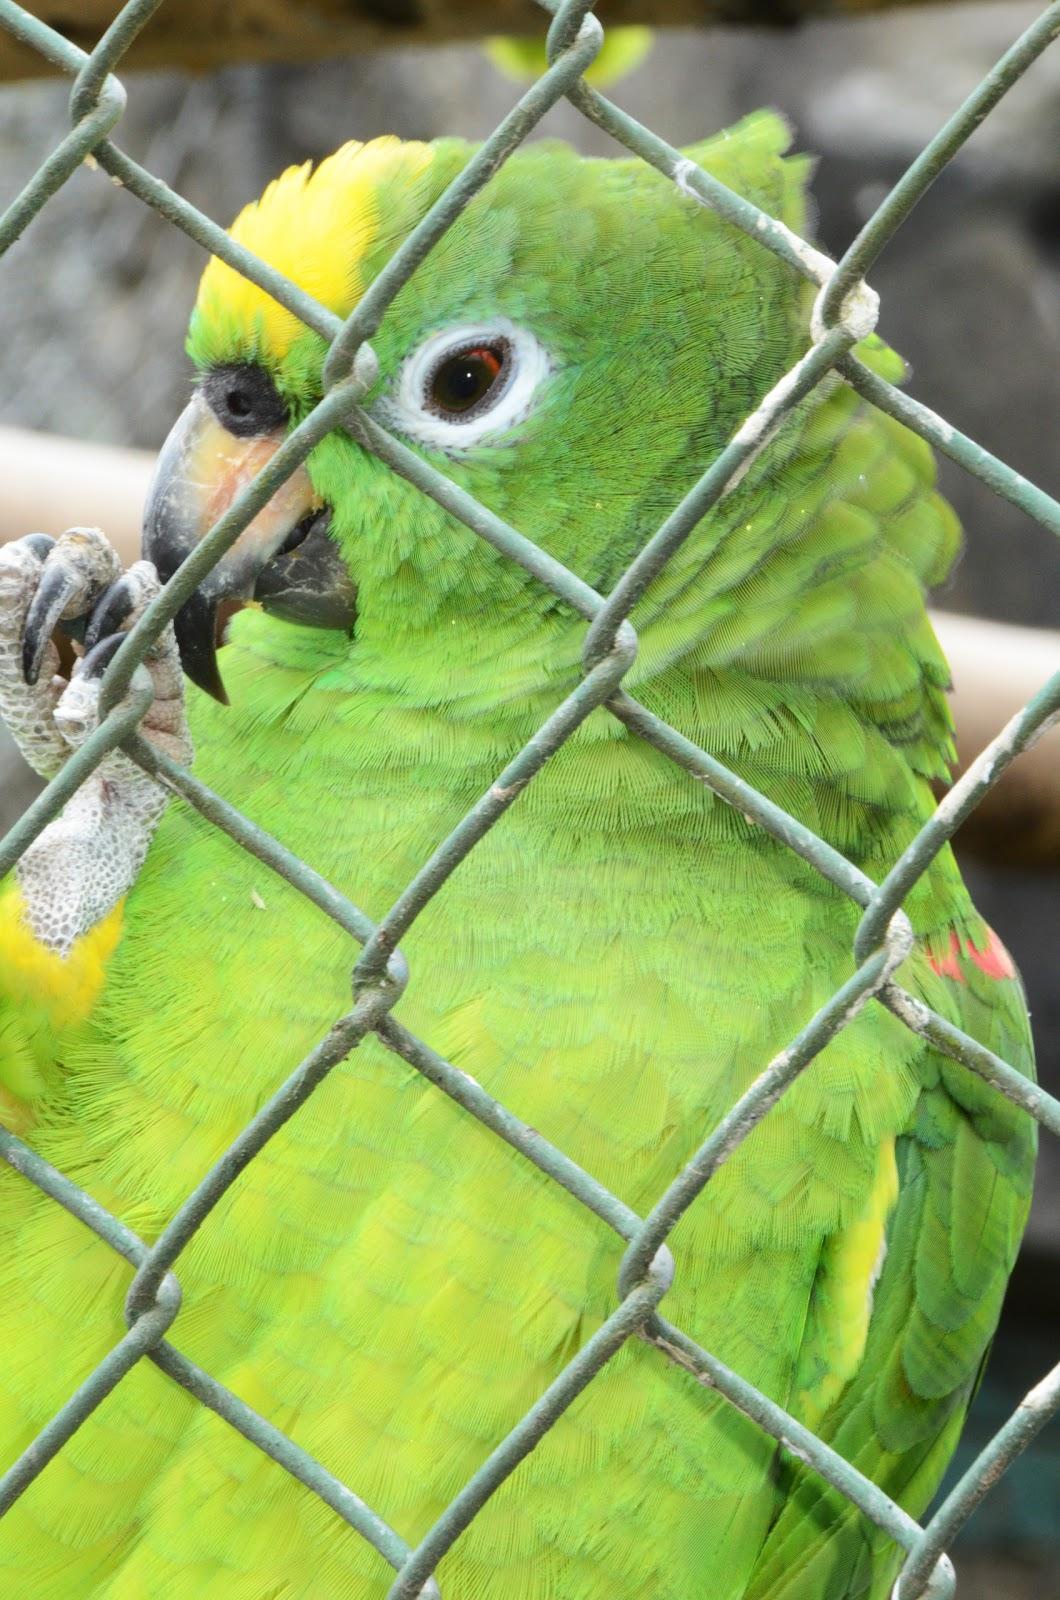 Imagenes De Baños Ambato:Fuente: http://wwwviajandoxcom/tungurahua/tung_banos_zoologicohtm